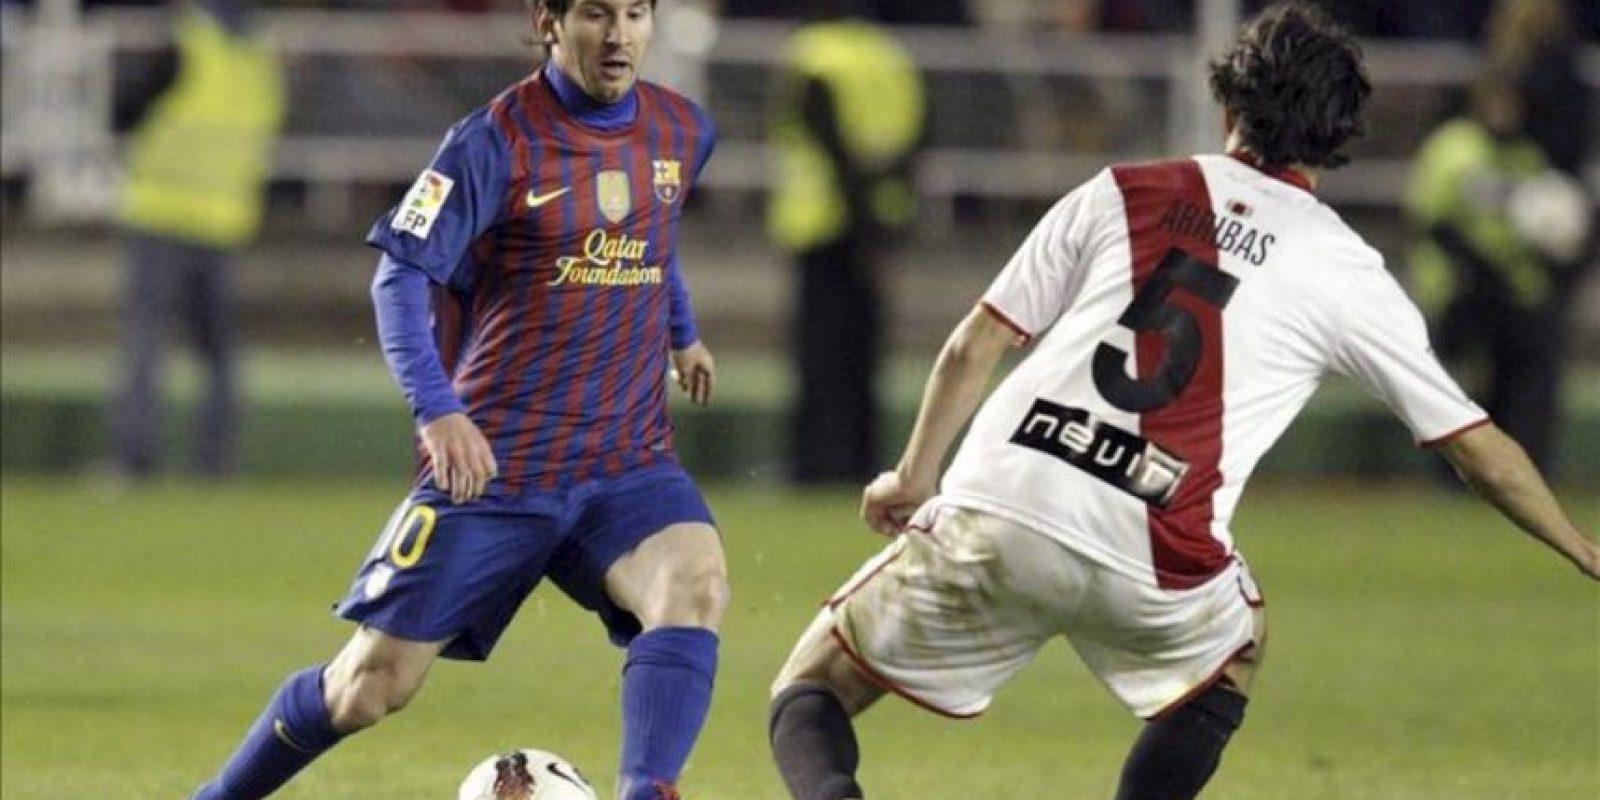 El defensa del Rayo Vallecano Alejandro Arribas trata de frenar la internada del argentino Leo Messi, del FC Barcelona. EFE